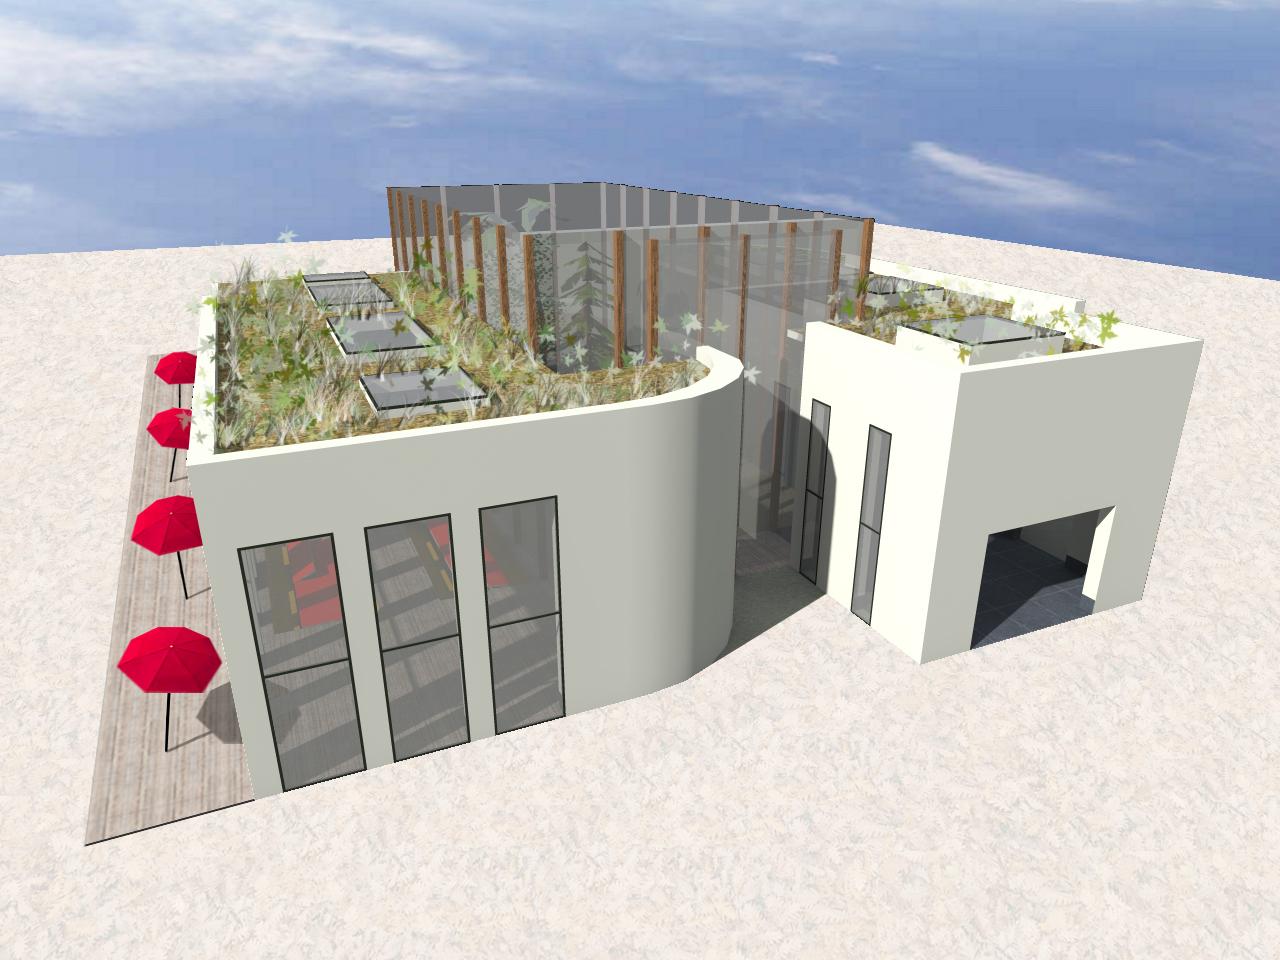 ecole-hotel-solar-bagnolet-vue3D-2